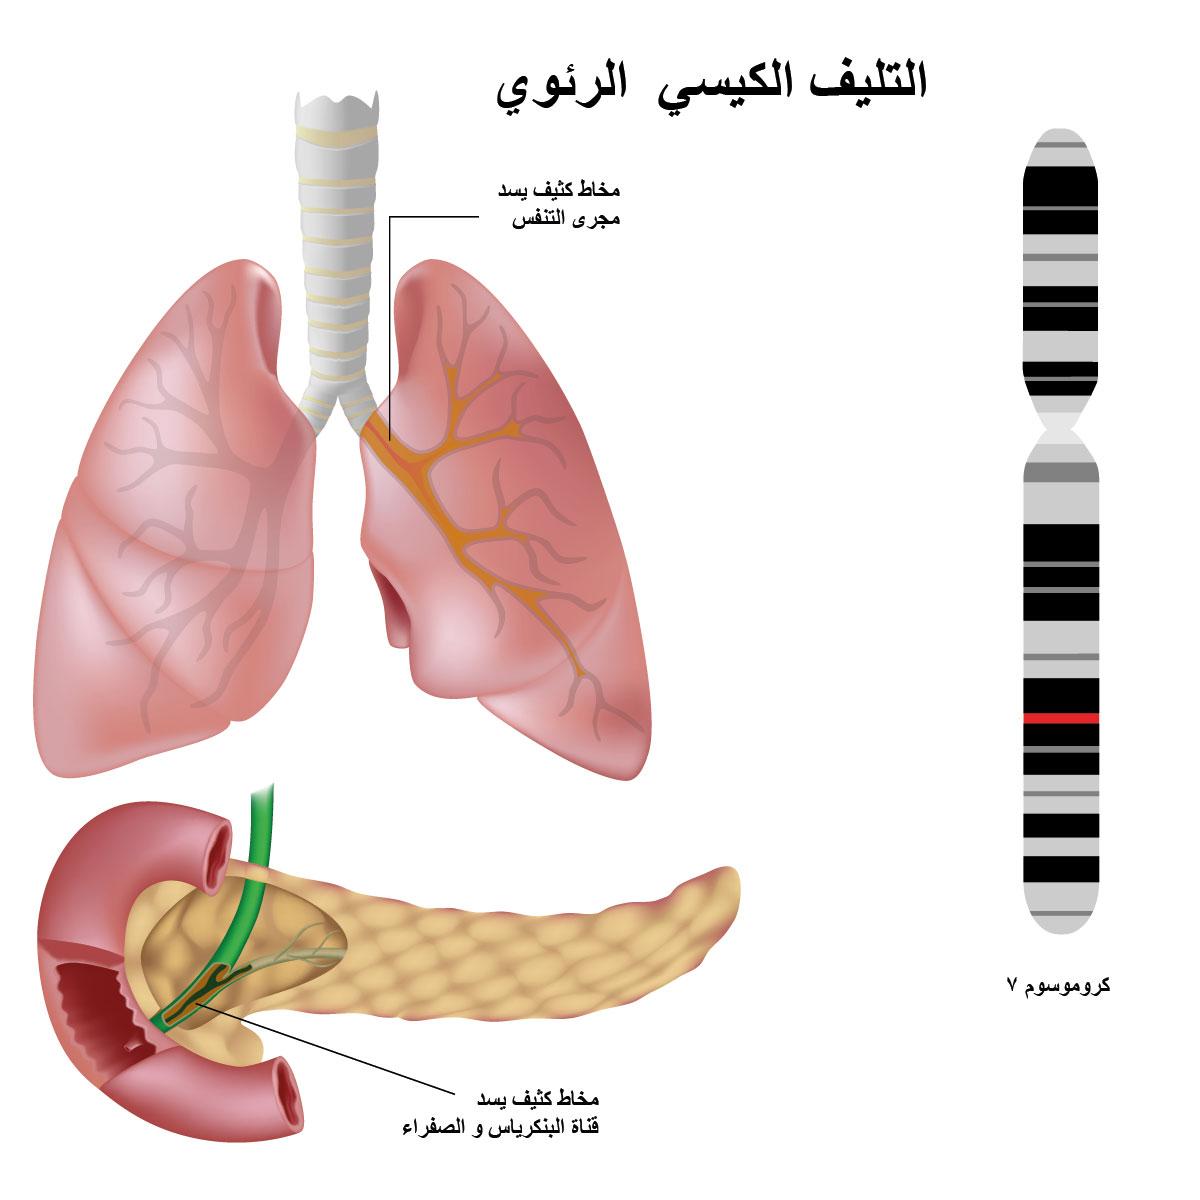 علاج محتمل للتليف الكيسي  الرئوي